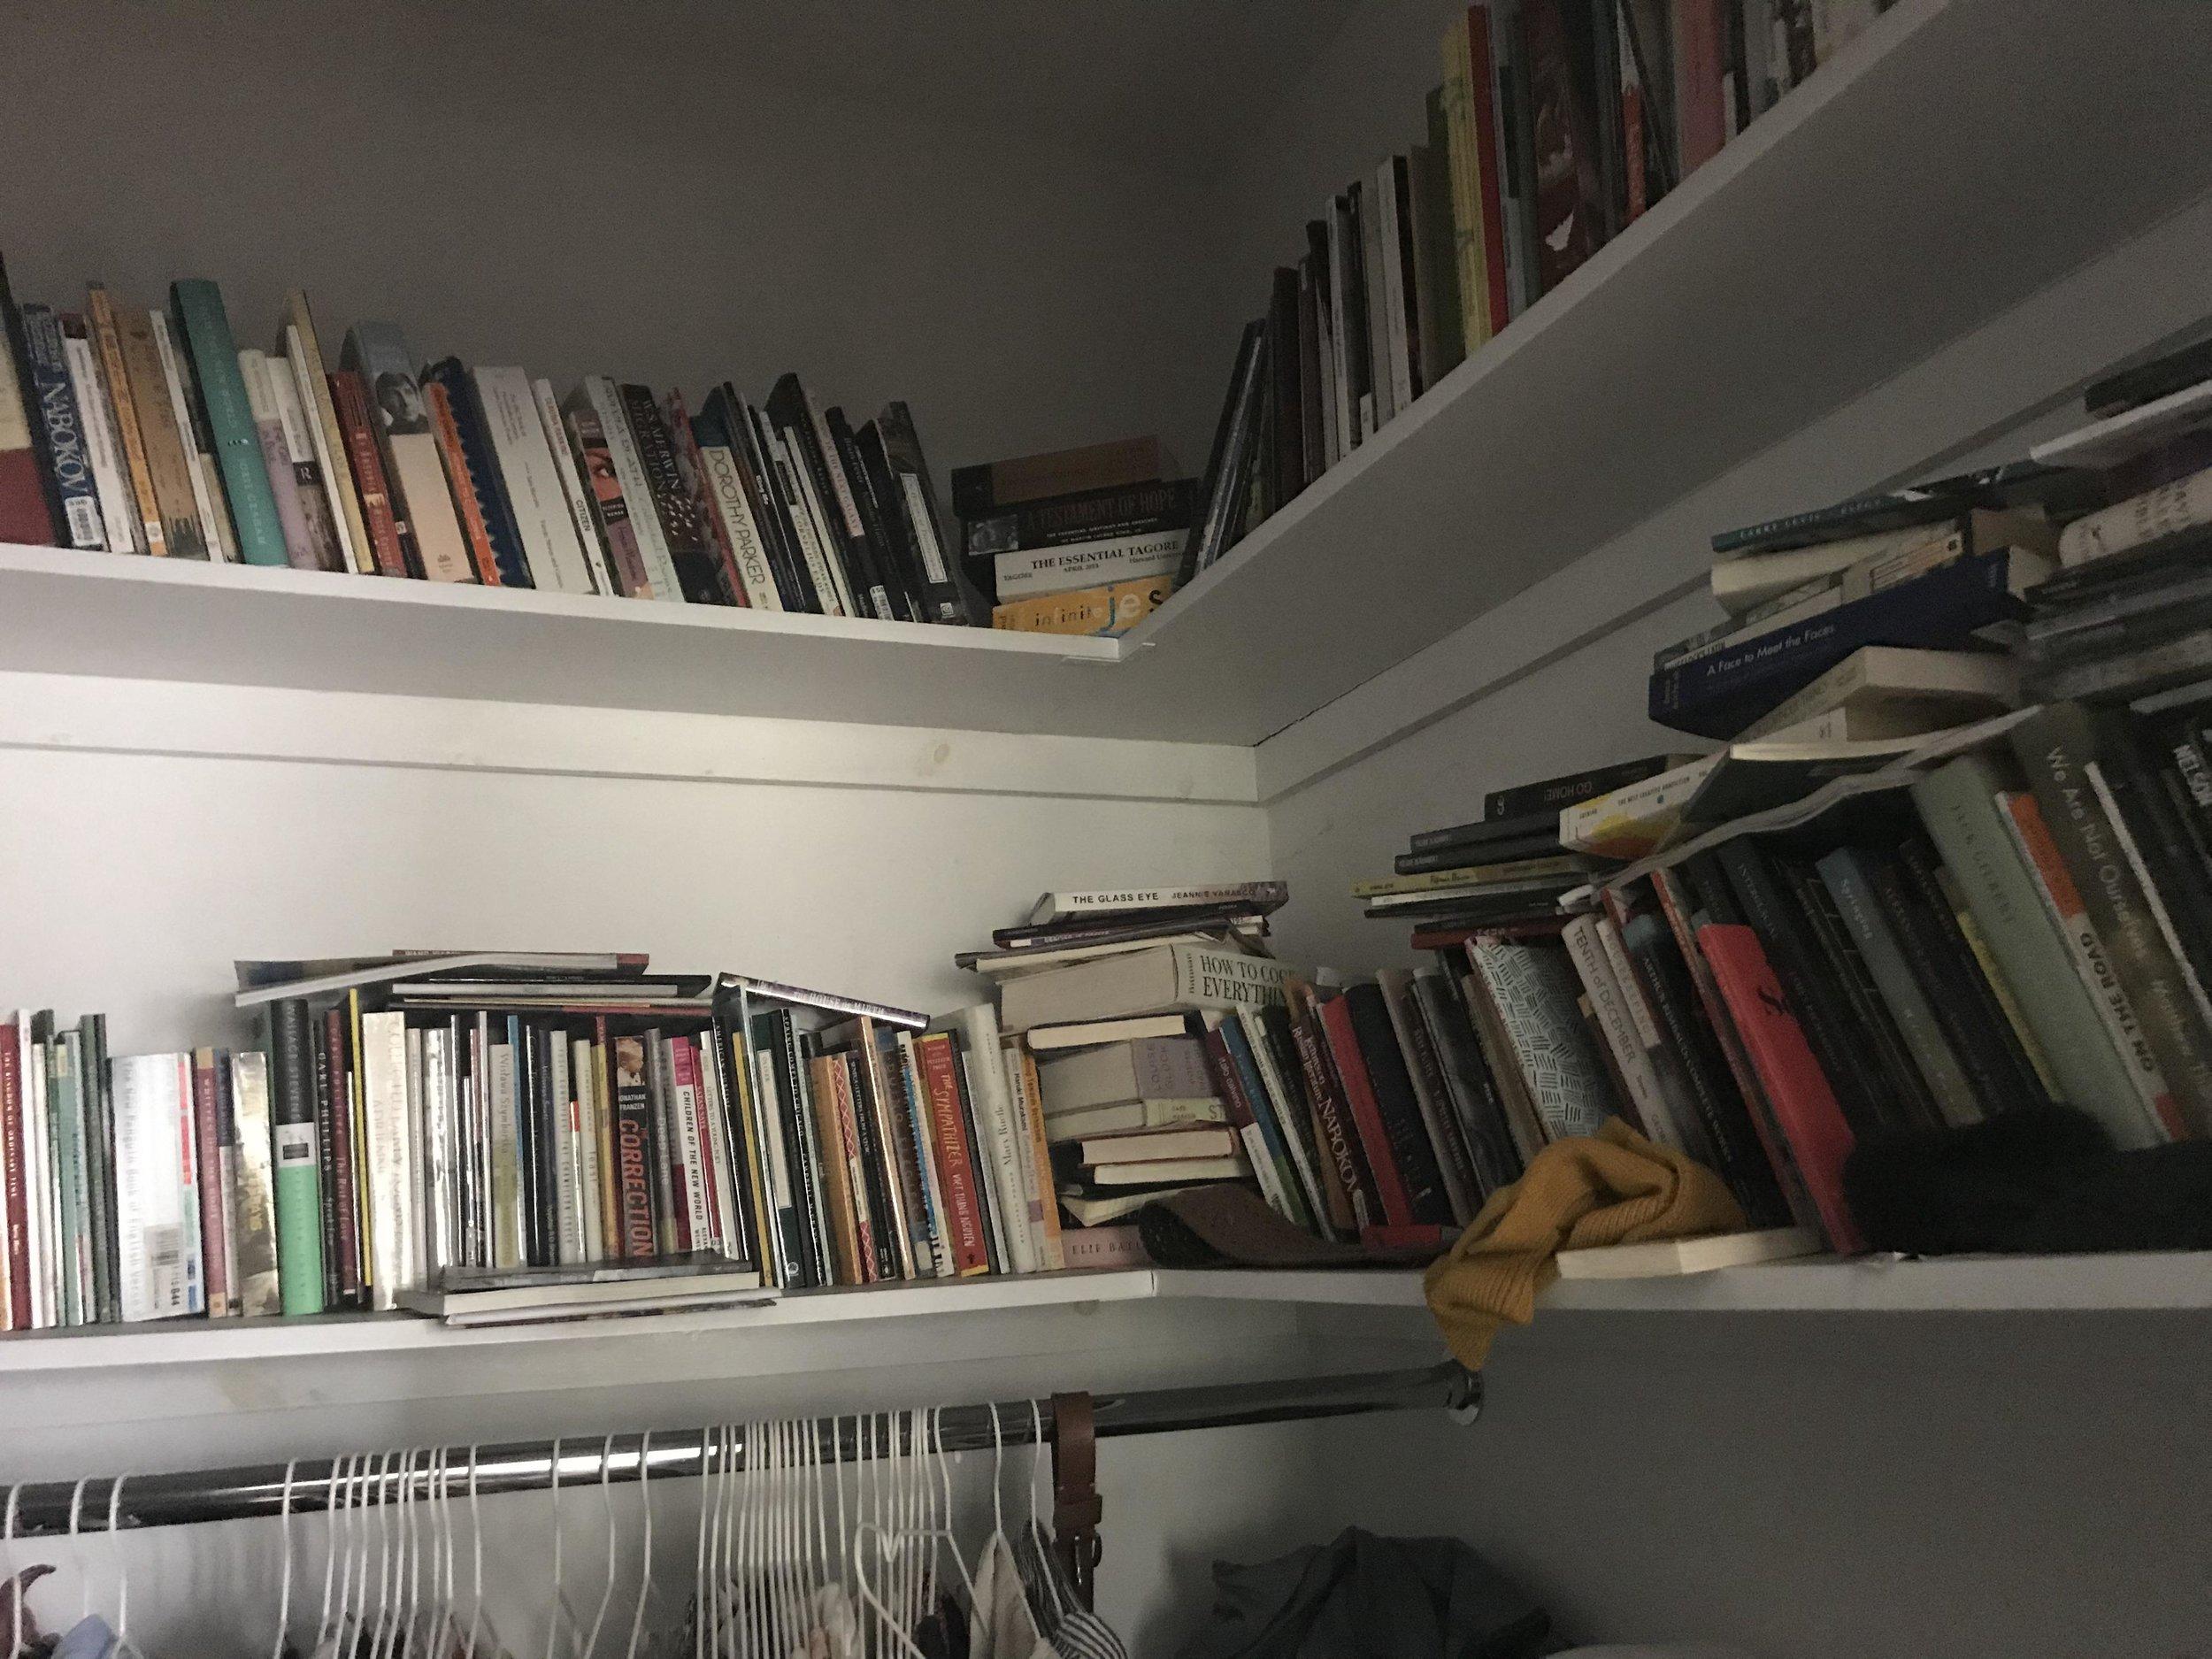 Books in my closet.